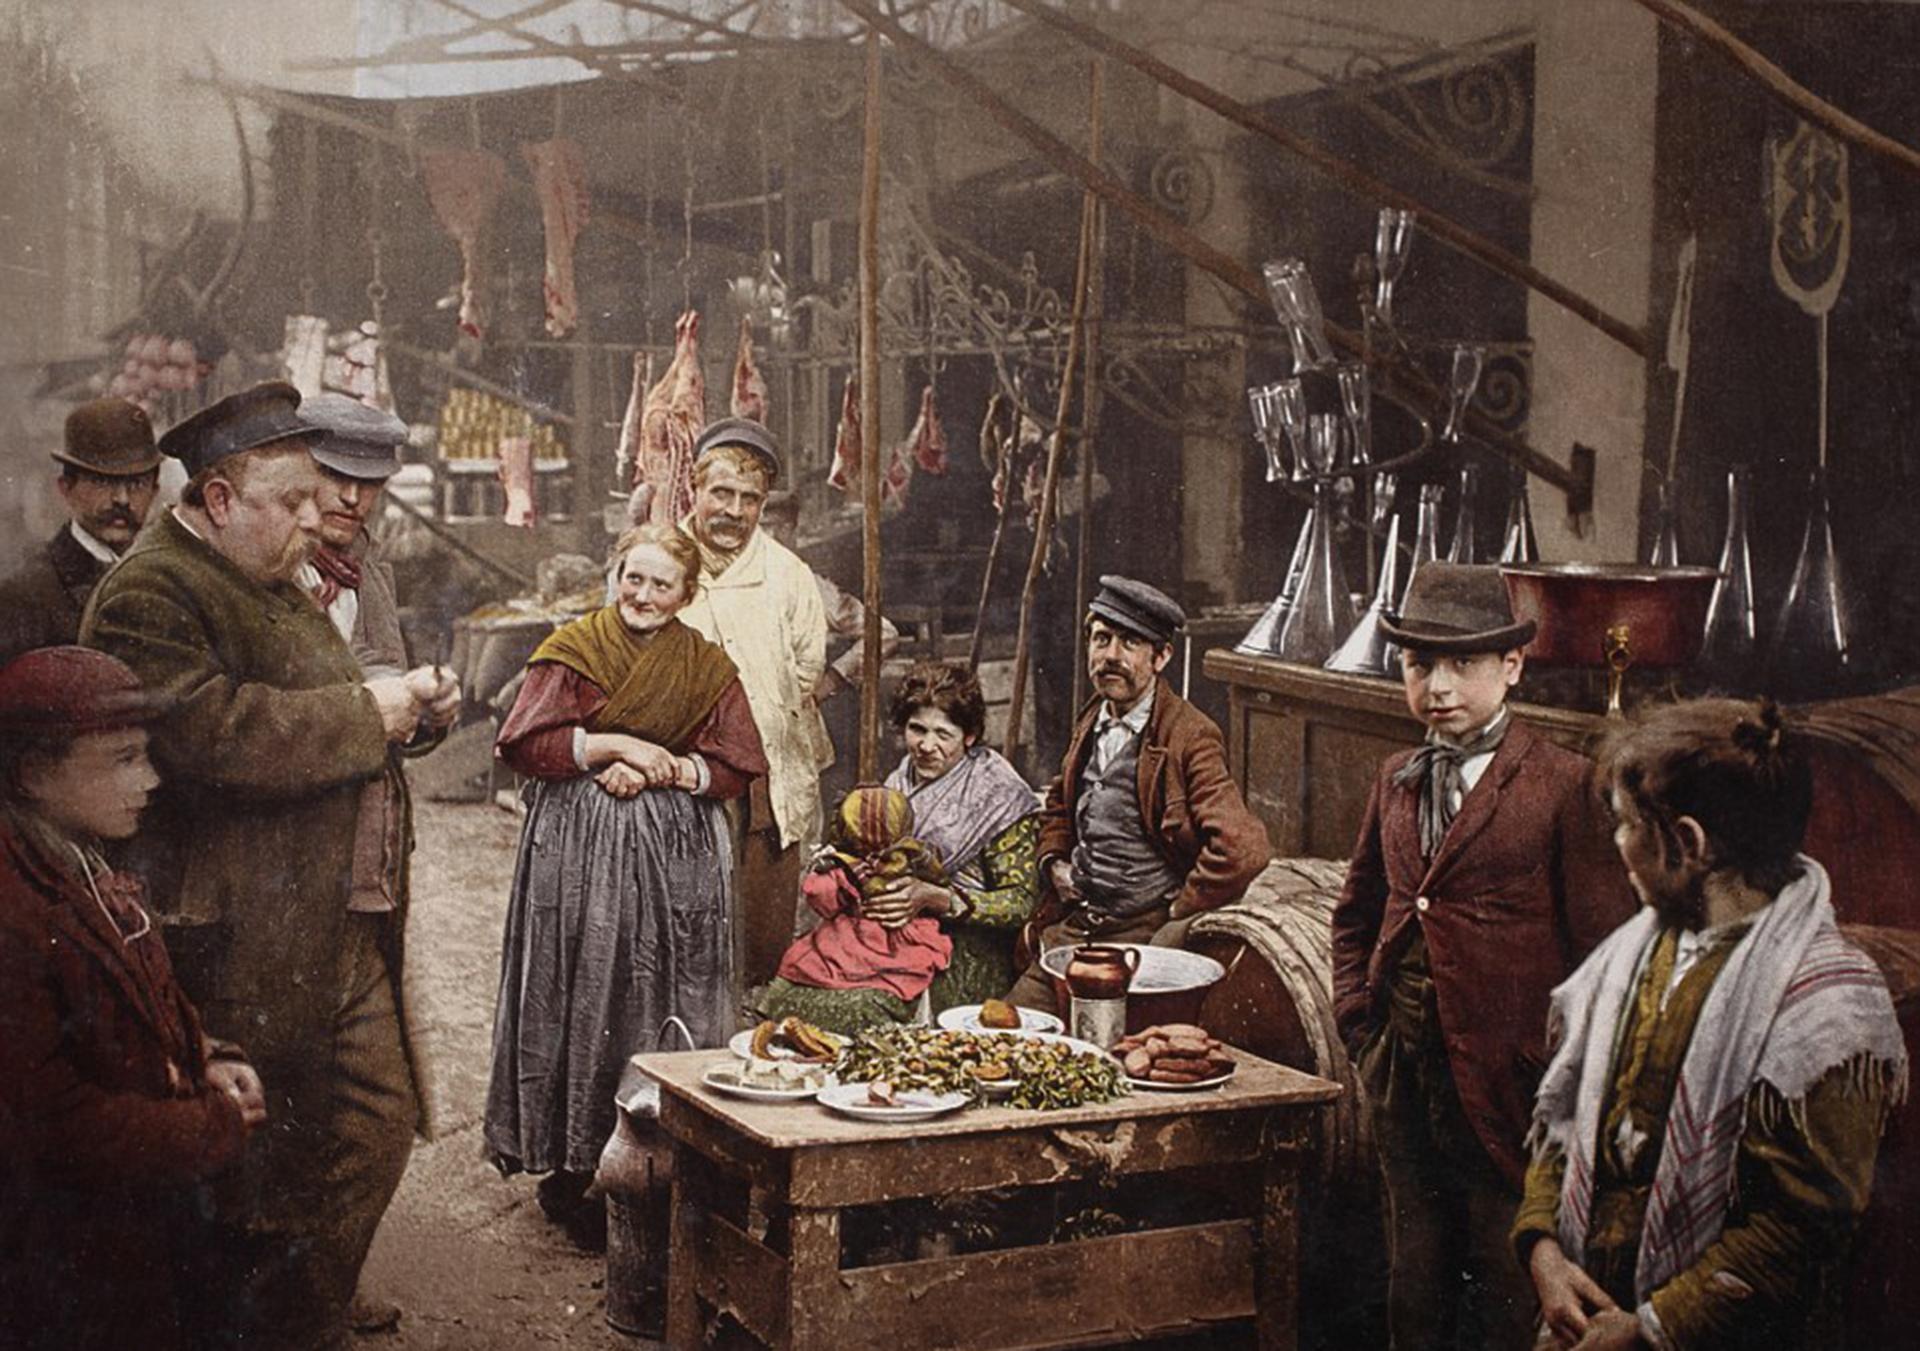 Una de las calles típicas del puerto de Nápoles, Italia. Muestra el comercio, la exposición de carnes, la vida cotidiana y la variedad de vestimentas. La imagen fue tomada en 1899